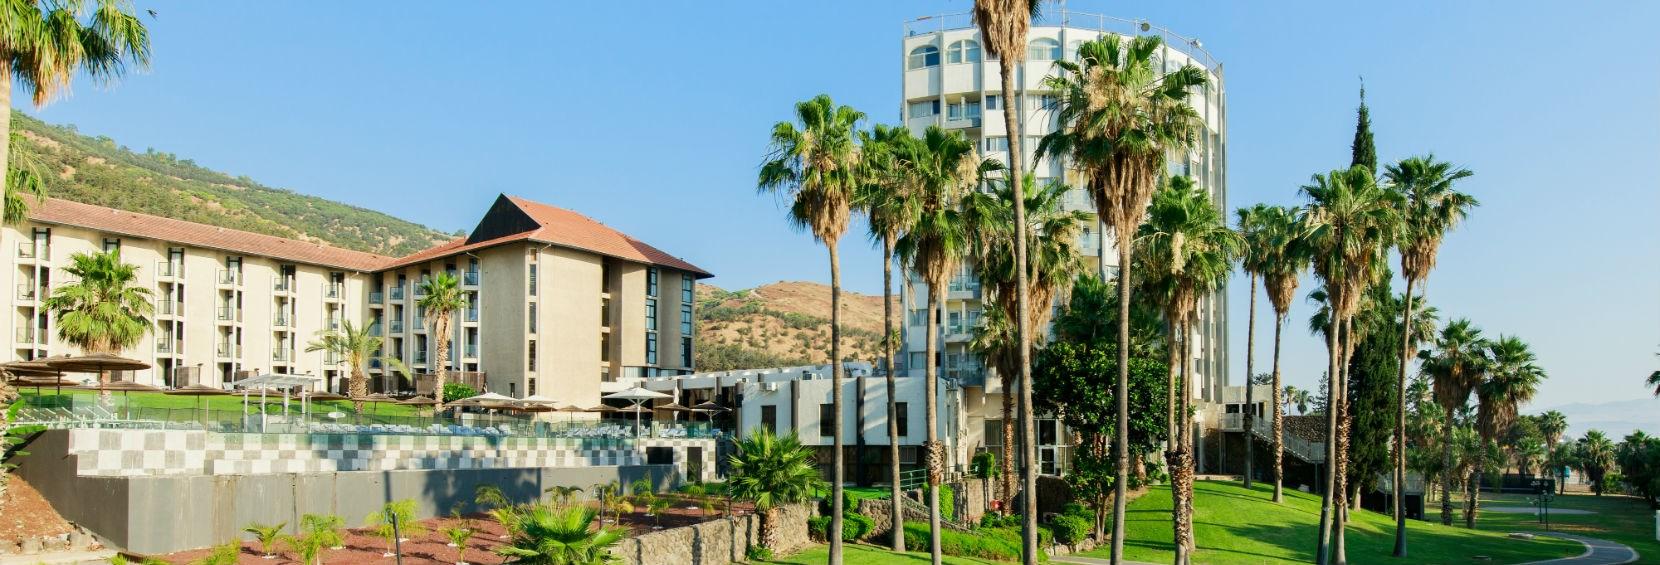 על המלון - מלון לייקהואס